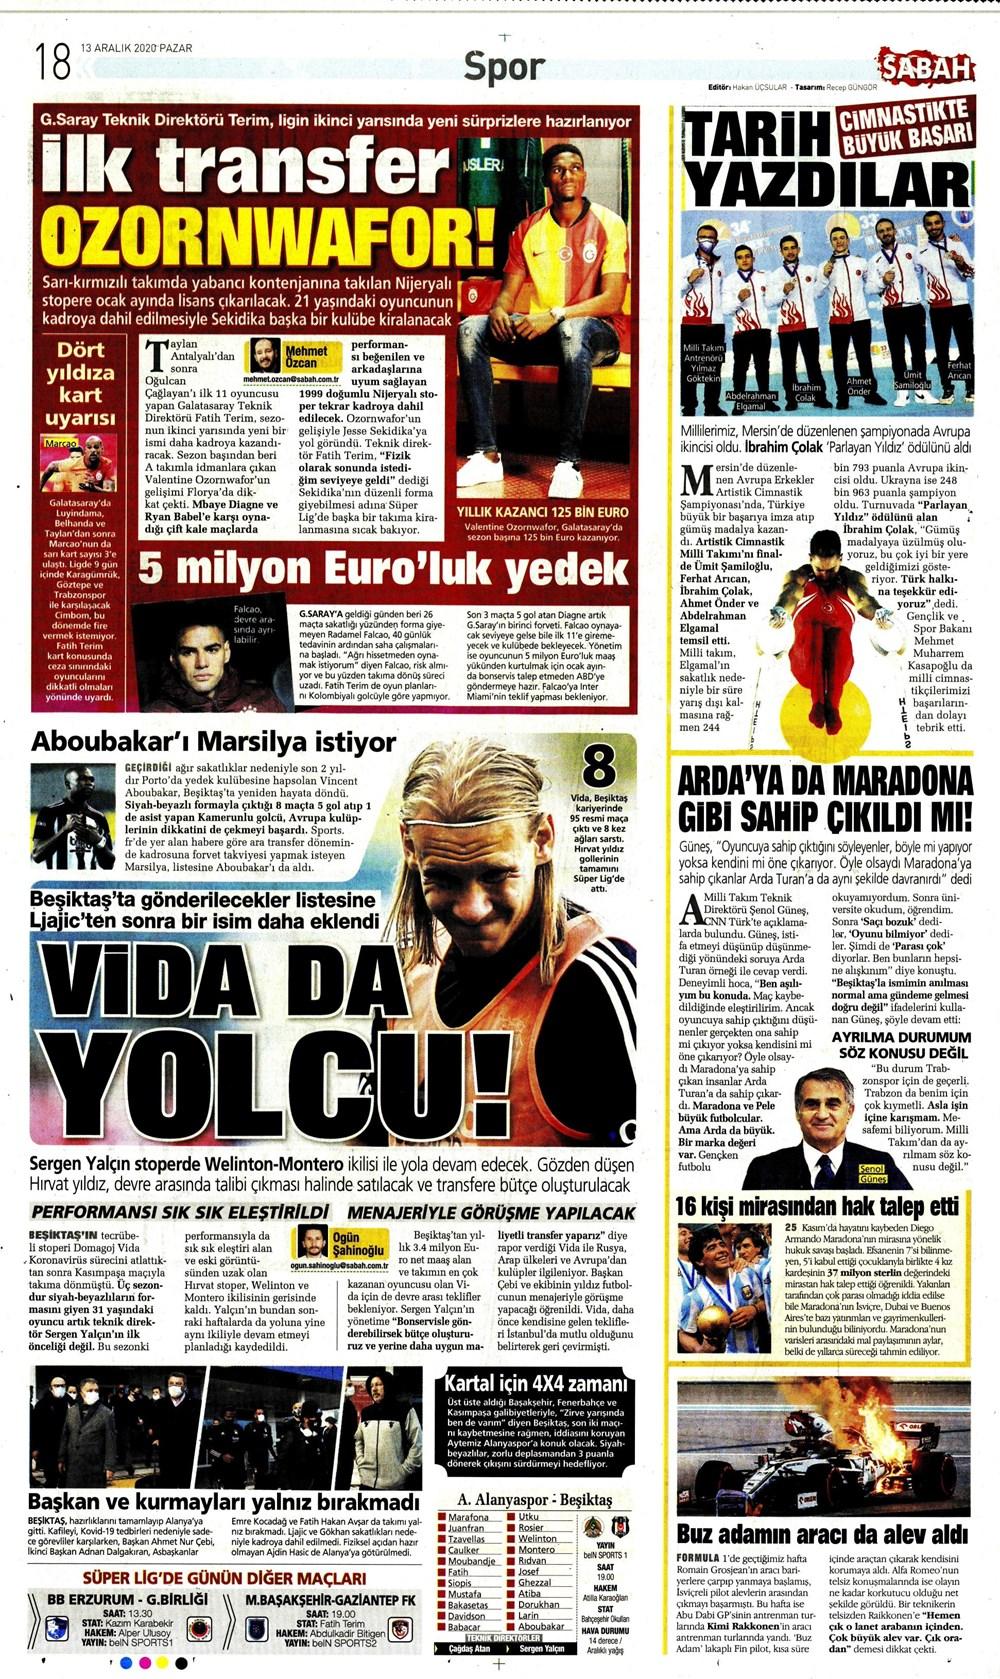 Sporun Manşetleri (13 Aralık 2020)  - 18. Foto